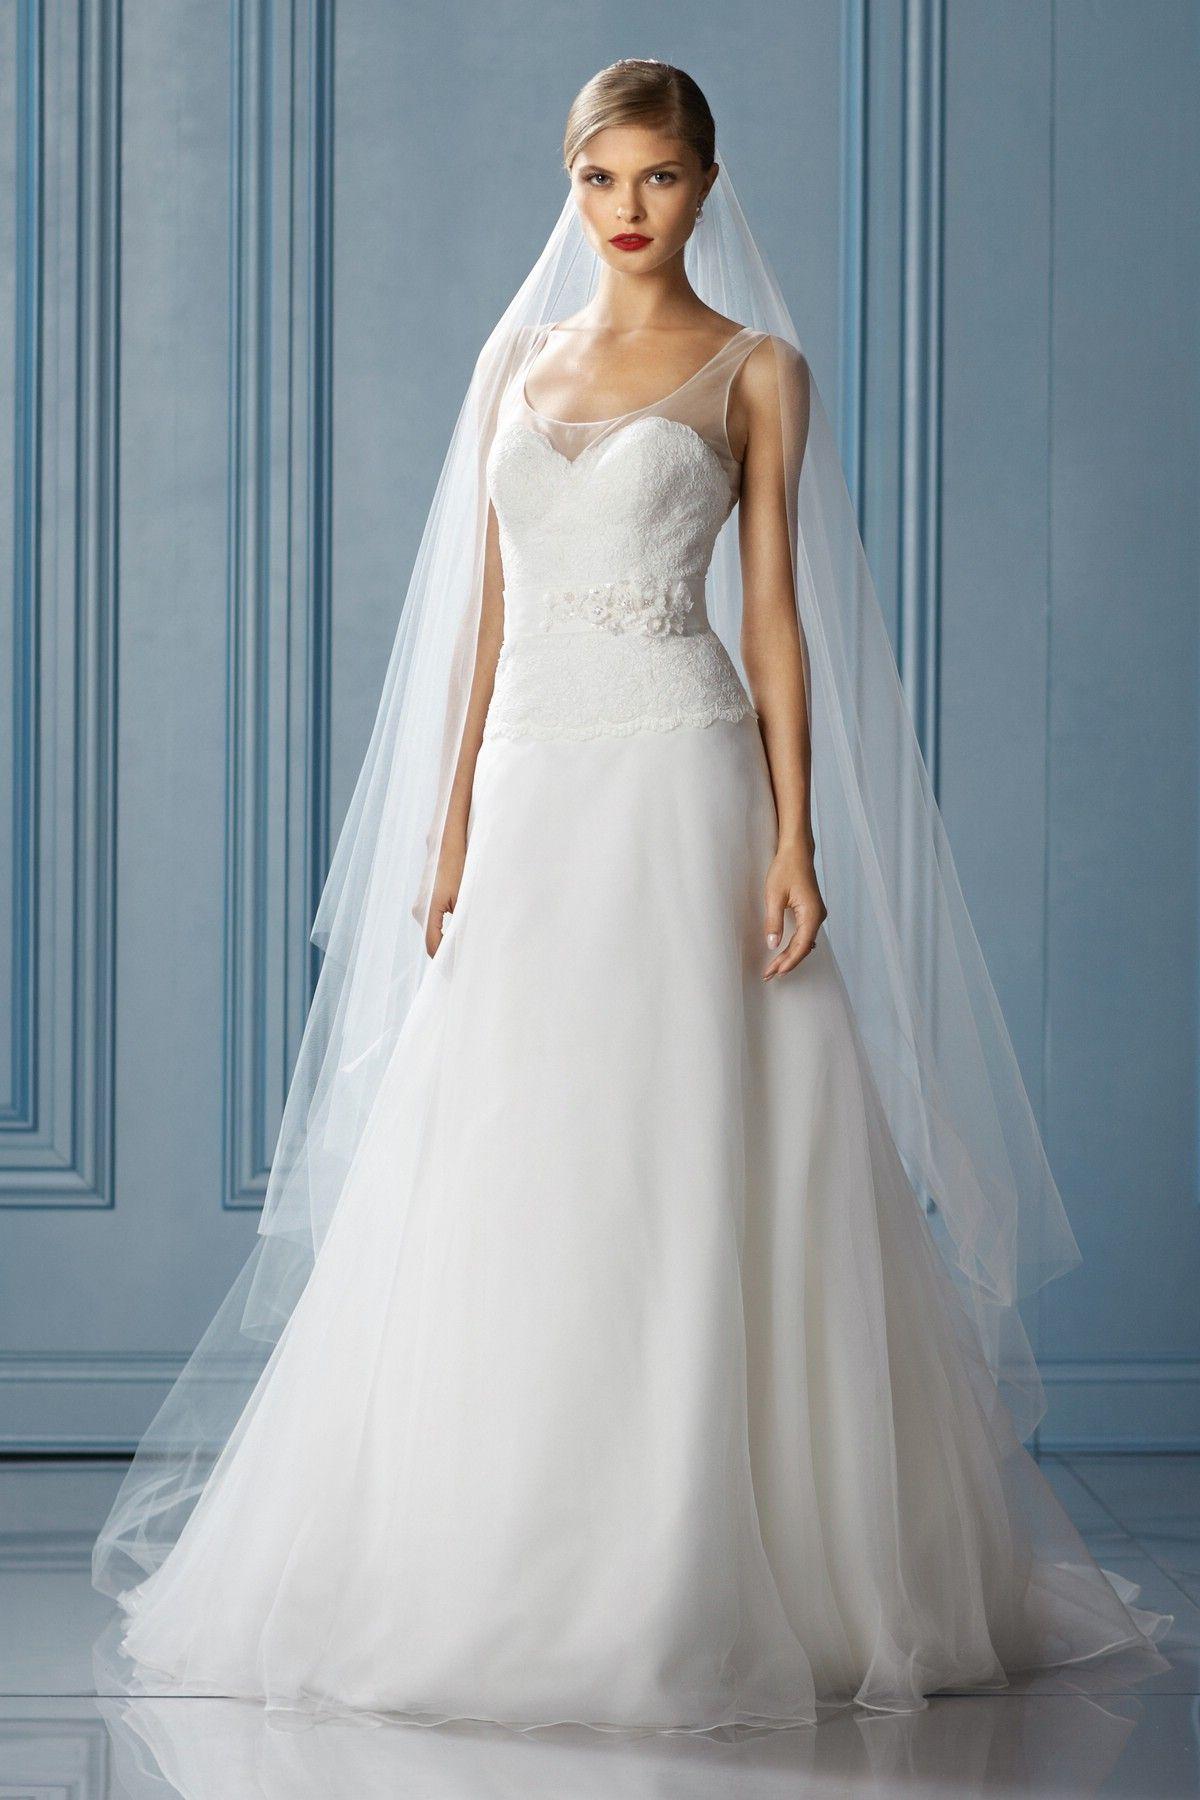 Emma gown by wtoo destination wedding dress wedding